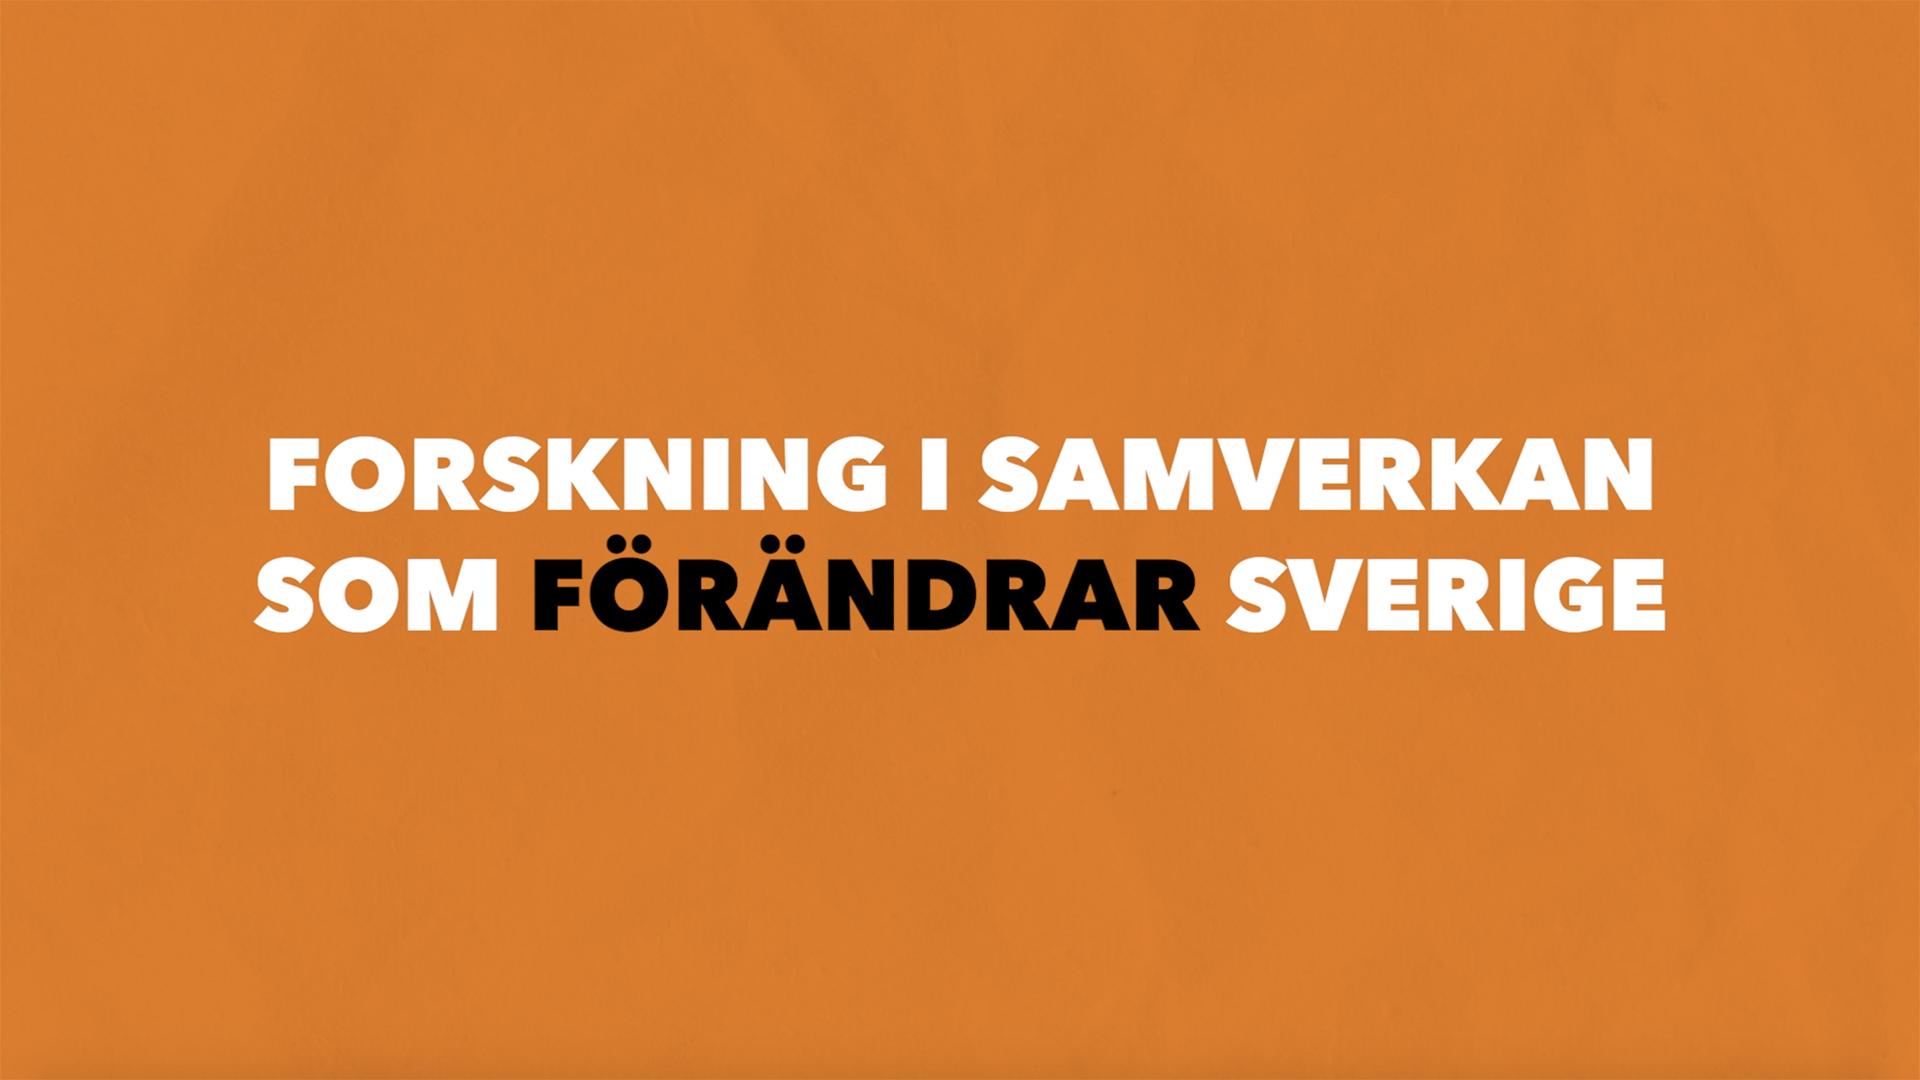 Banner på Forskning i samverkan som förändrar Sverige